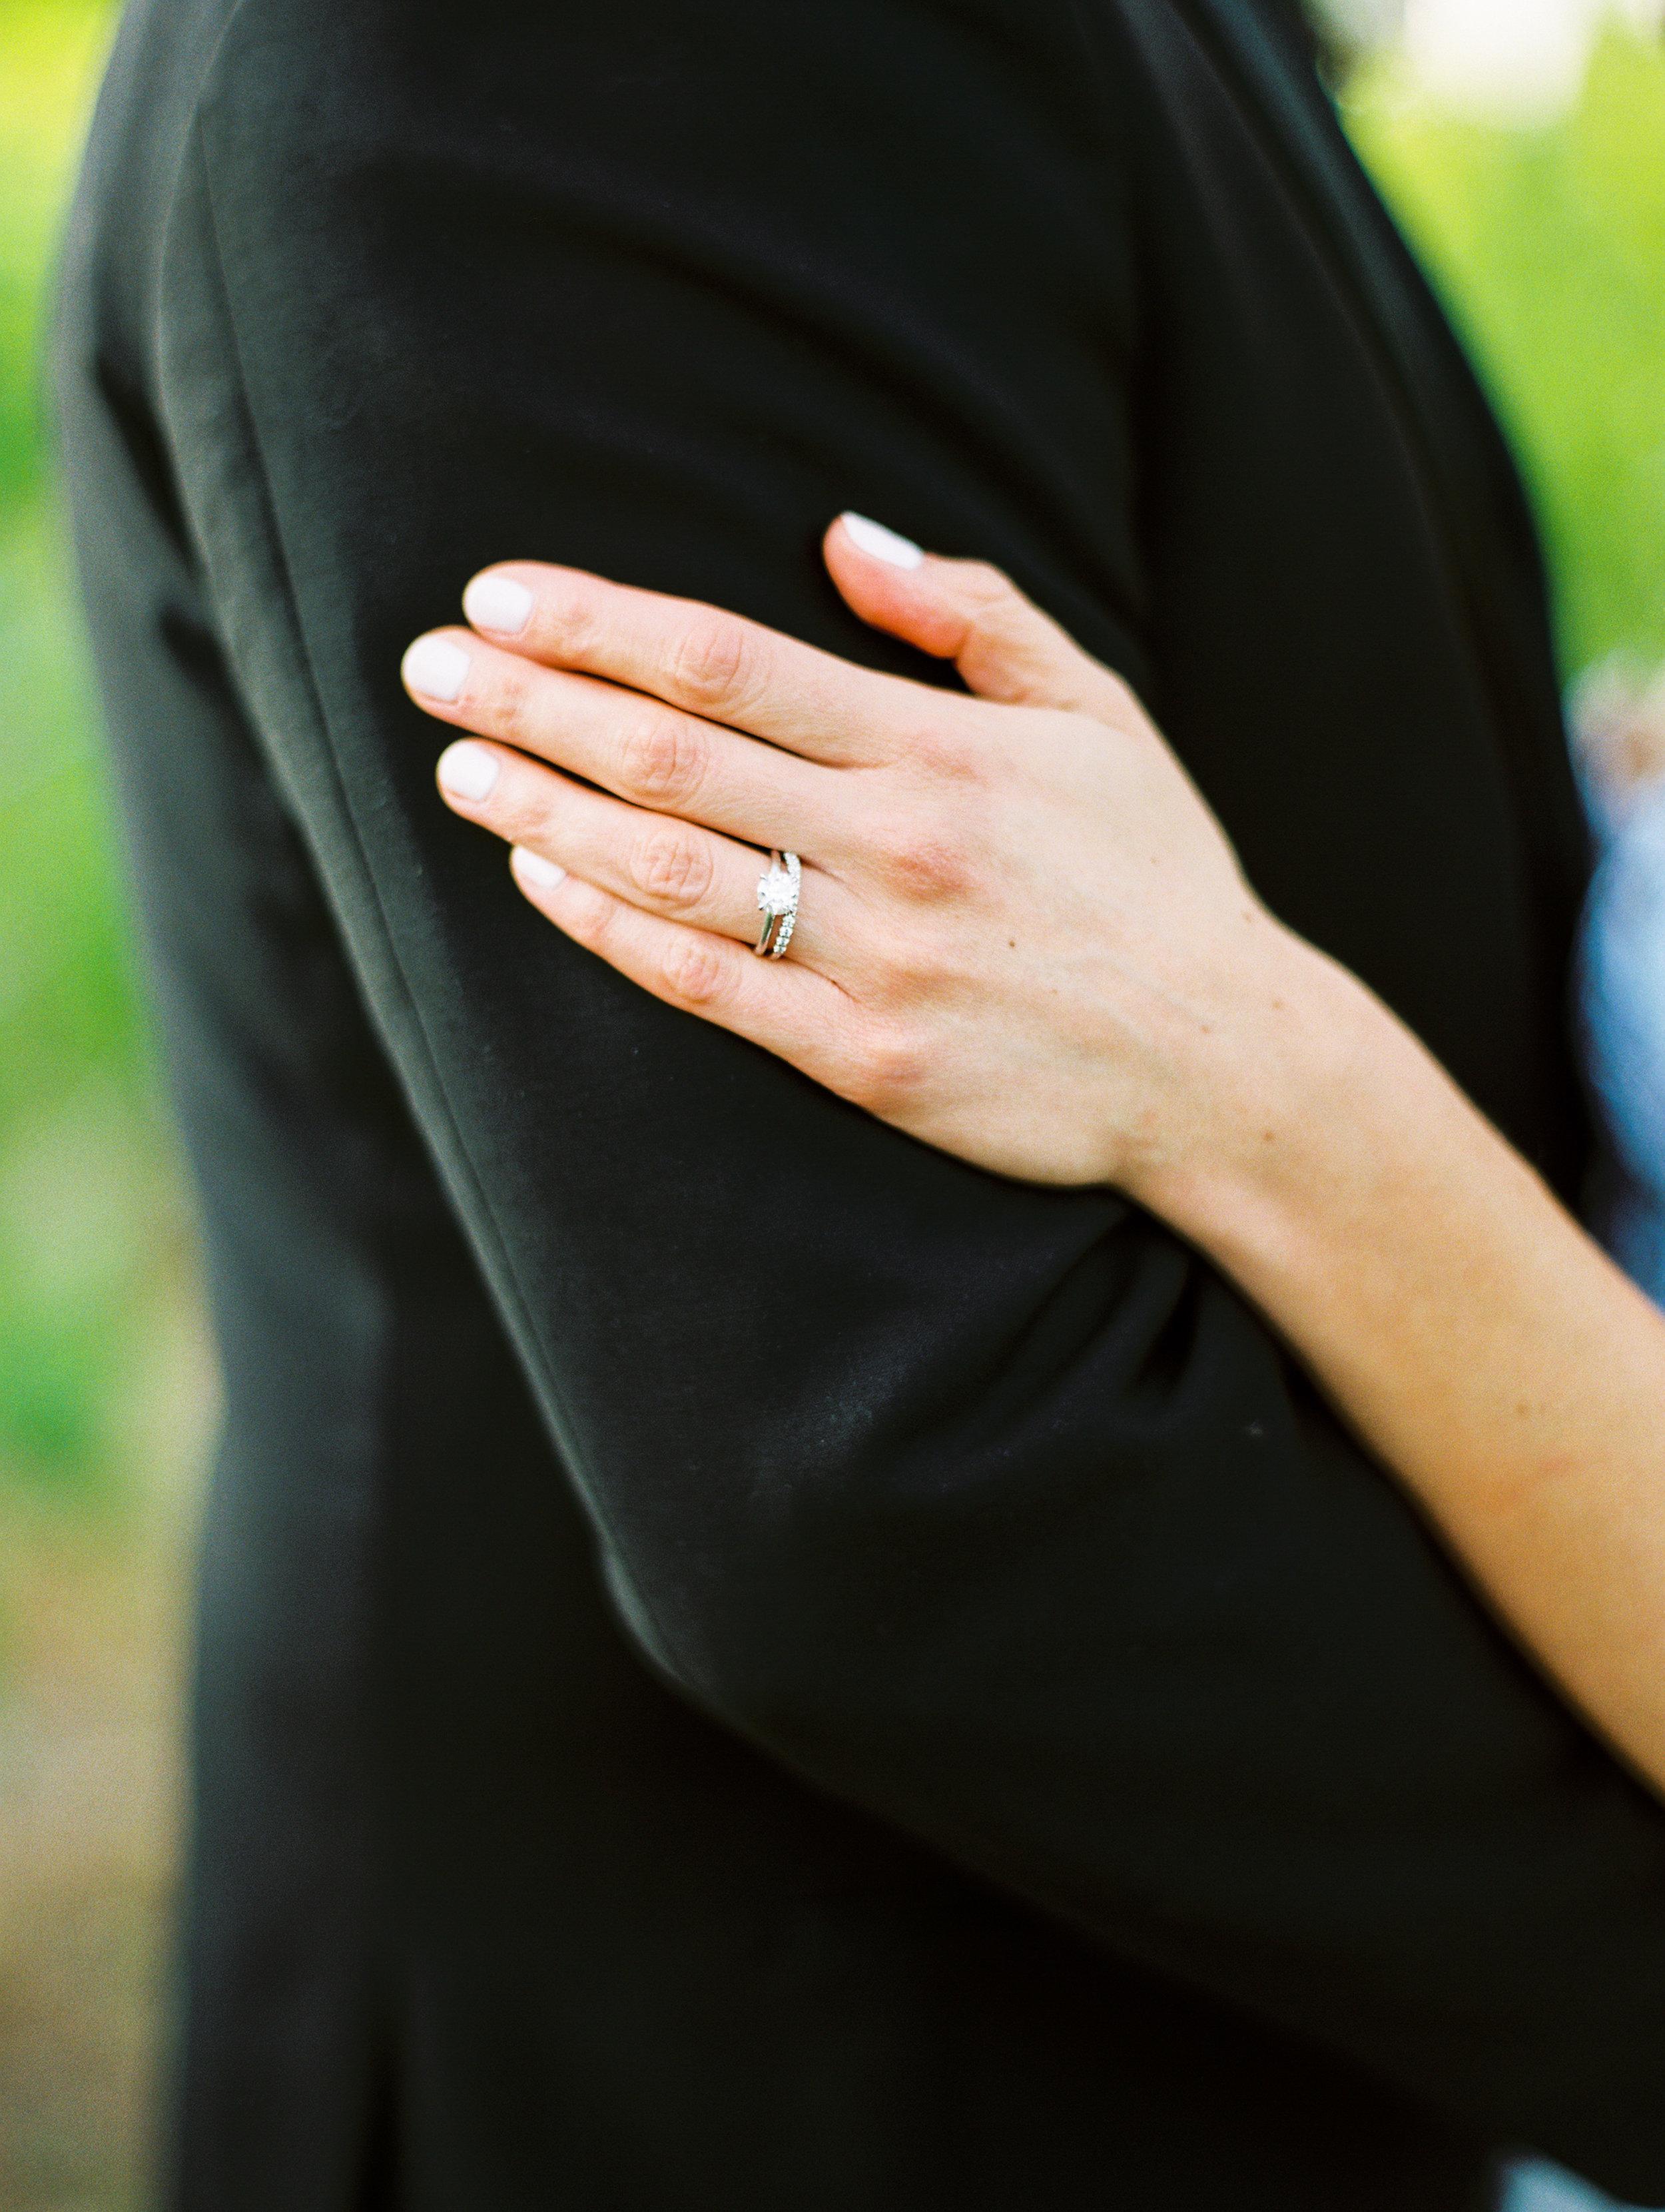 Steinlage+Wedding+Reception+Bride+Groom-66.jpg